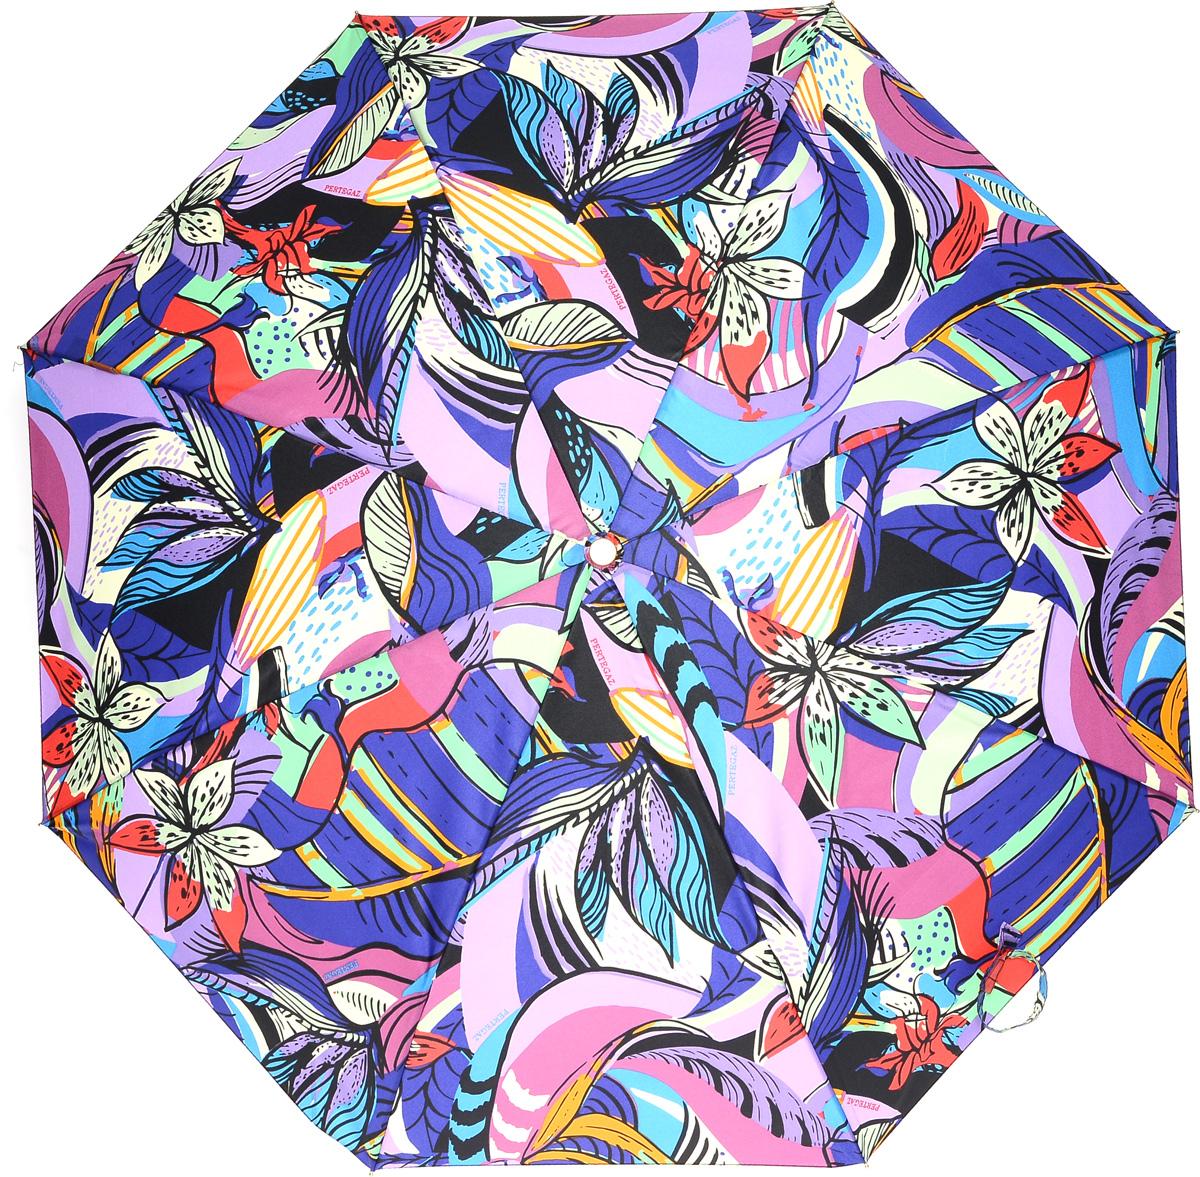 PERTEGAZ 85151-2 Зонт полный автом. 3 сл. жен.85151-2Зонт испанского производителя Clima. В производстве зонтов используются современные материалы, что делает зонты легкими, но в то же время крепкими.Полный автомат, 3 сложения, 8 спиц, полиэстер.